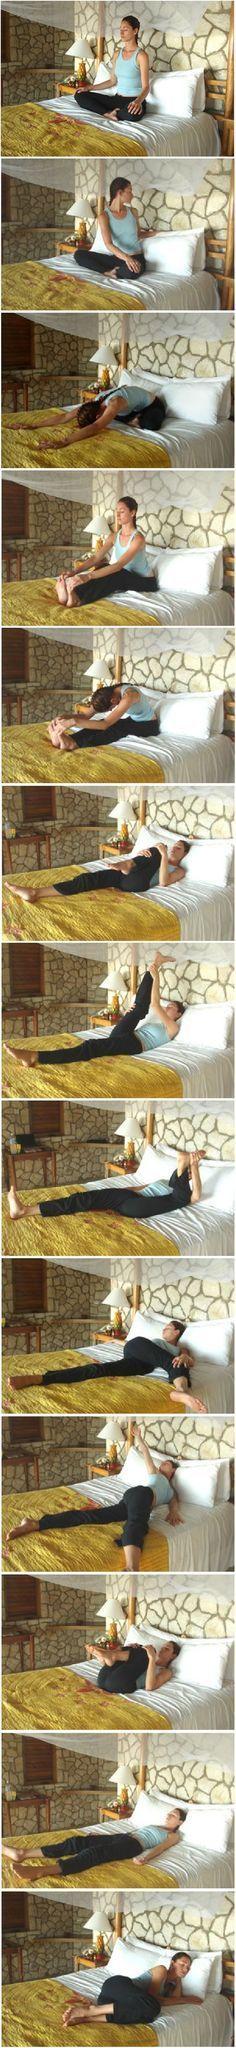 Esta rutina de Yoga a la hora de acostarse, ayuda a dormir mejor! Yoga a la Hora de acostarse de womenshealthmag.com